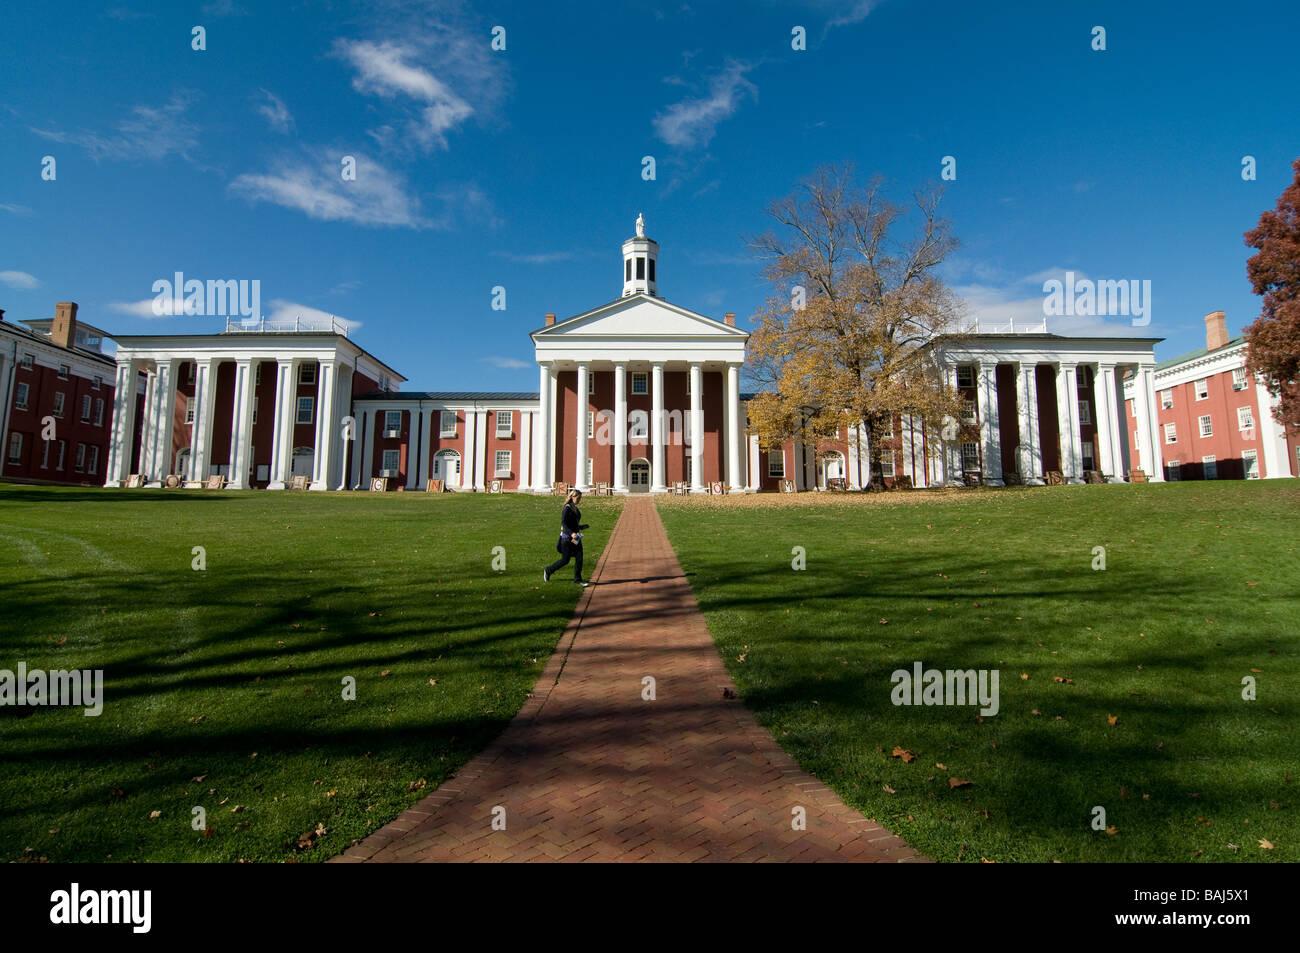 Part of Campus of Washington and Lee University Lexington North Carolina United States of America Stock Photo